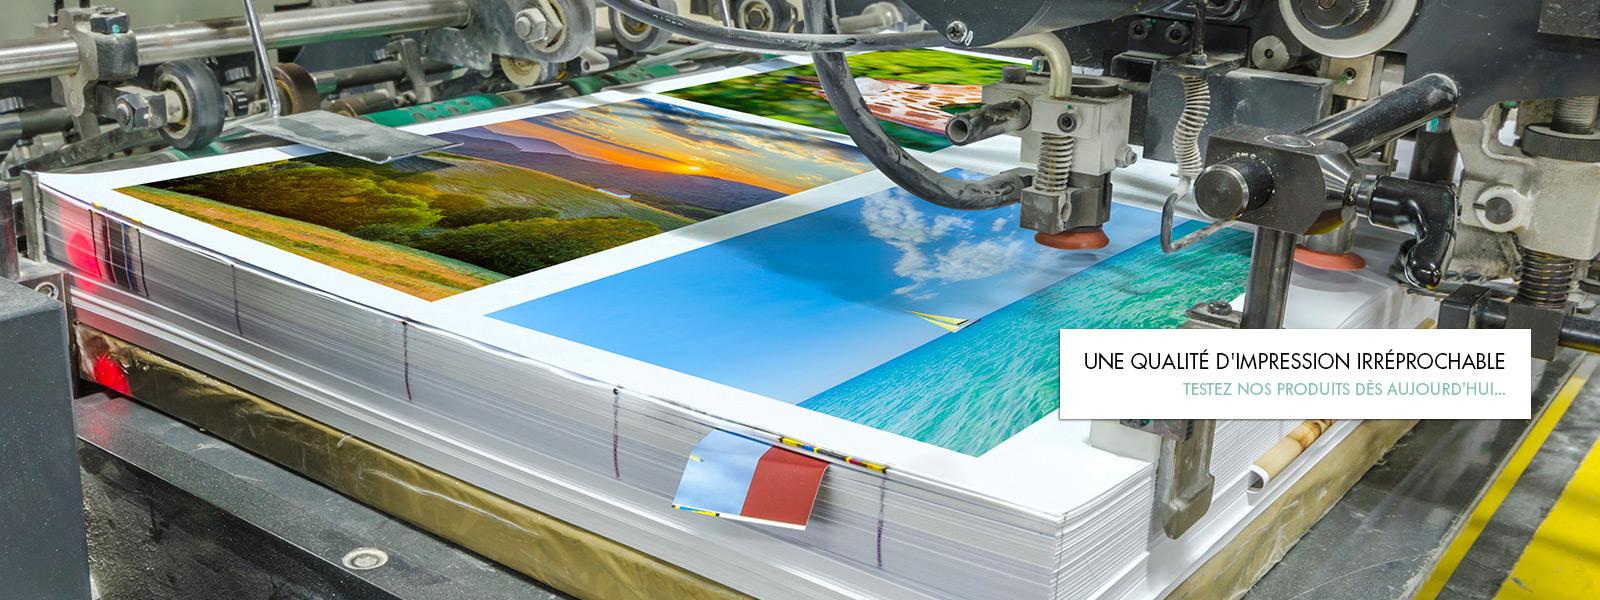 Testez nos produits d'imprimerie  dès aujourd'hui...